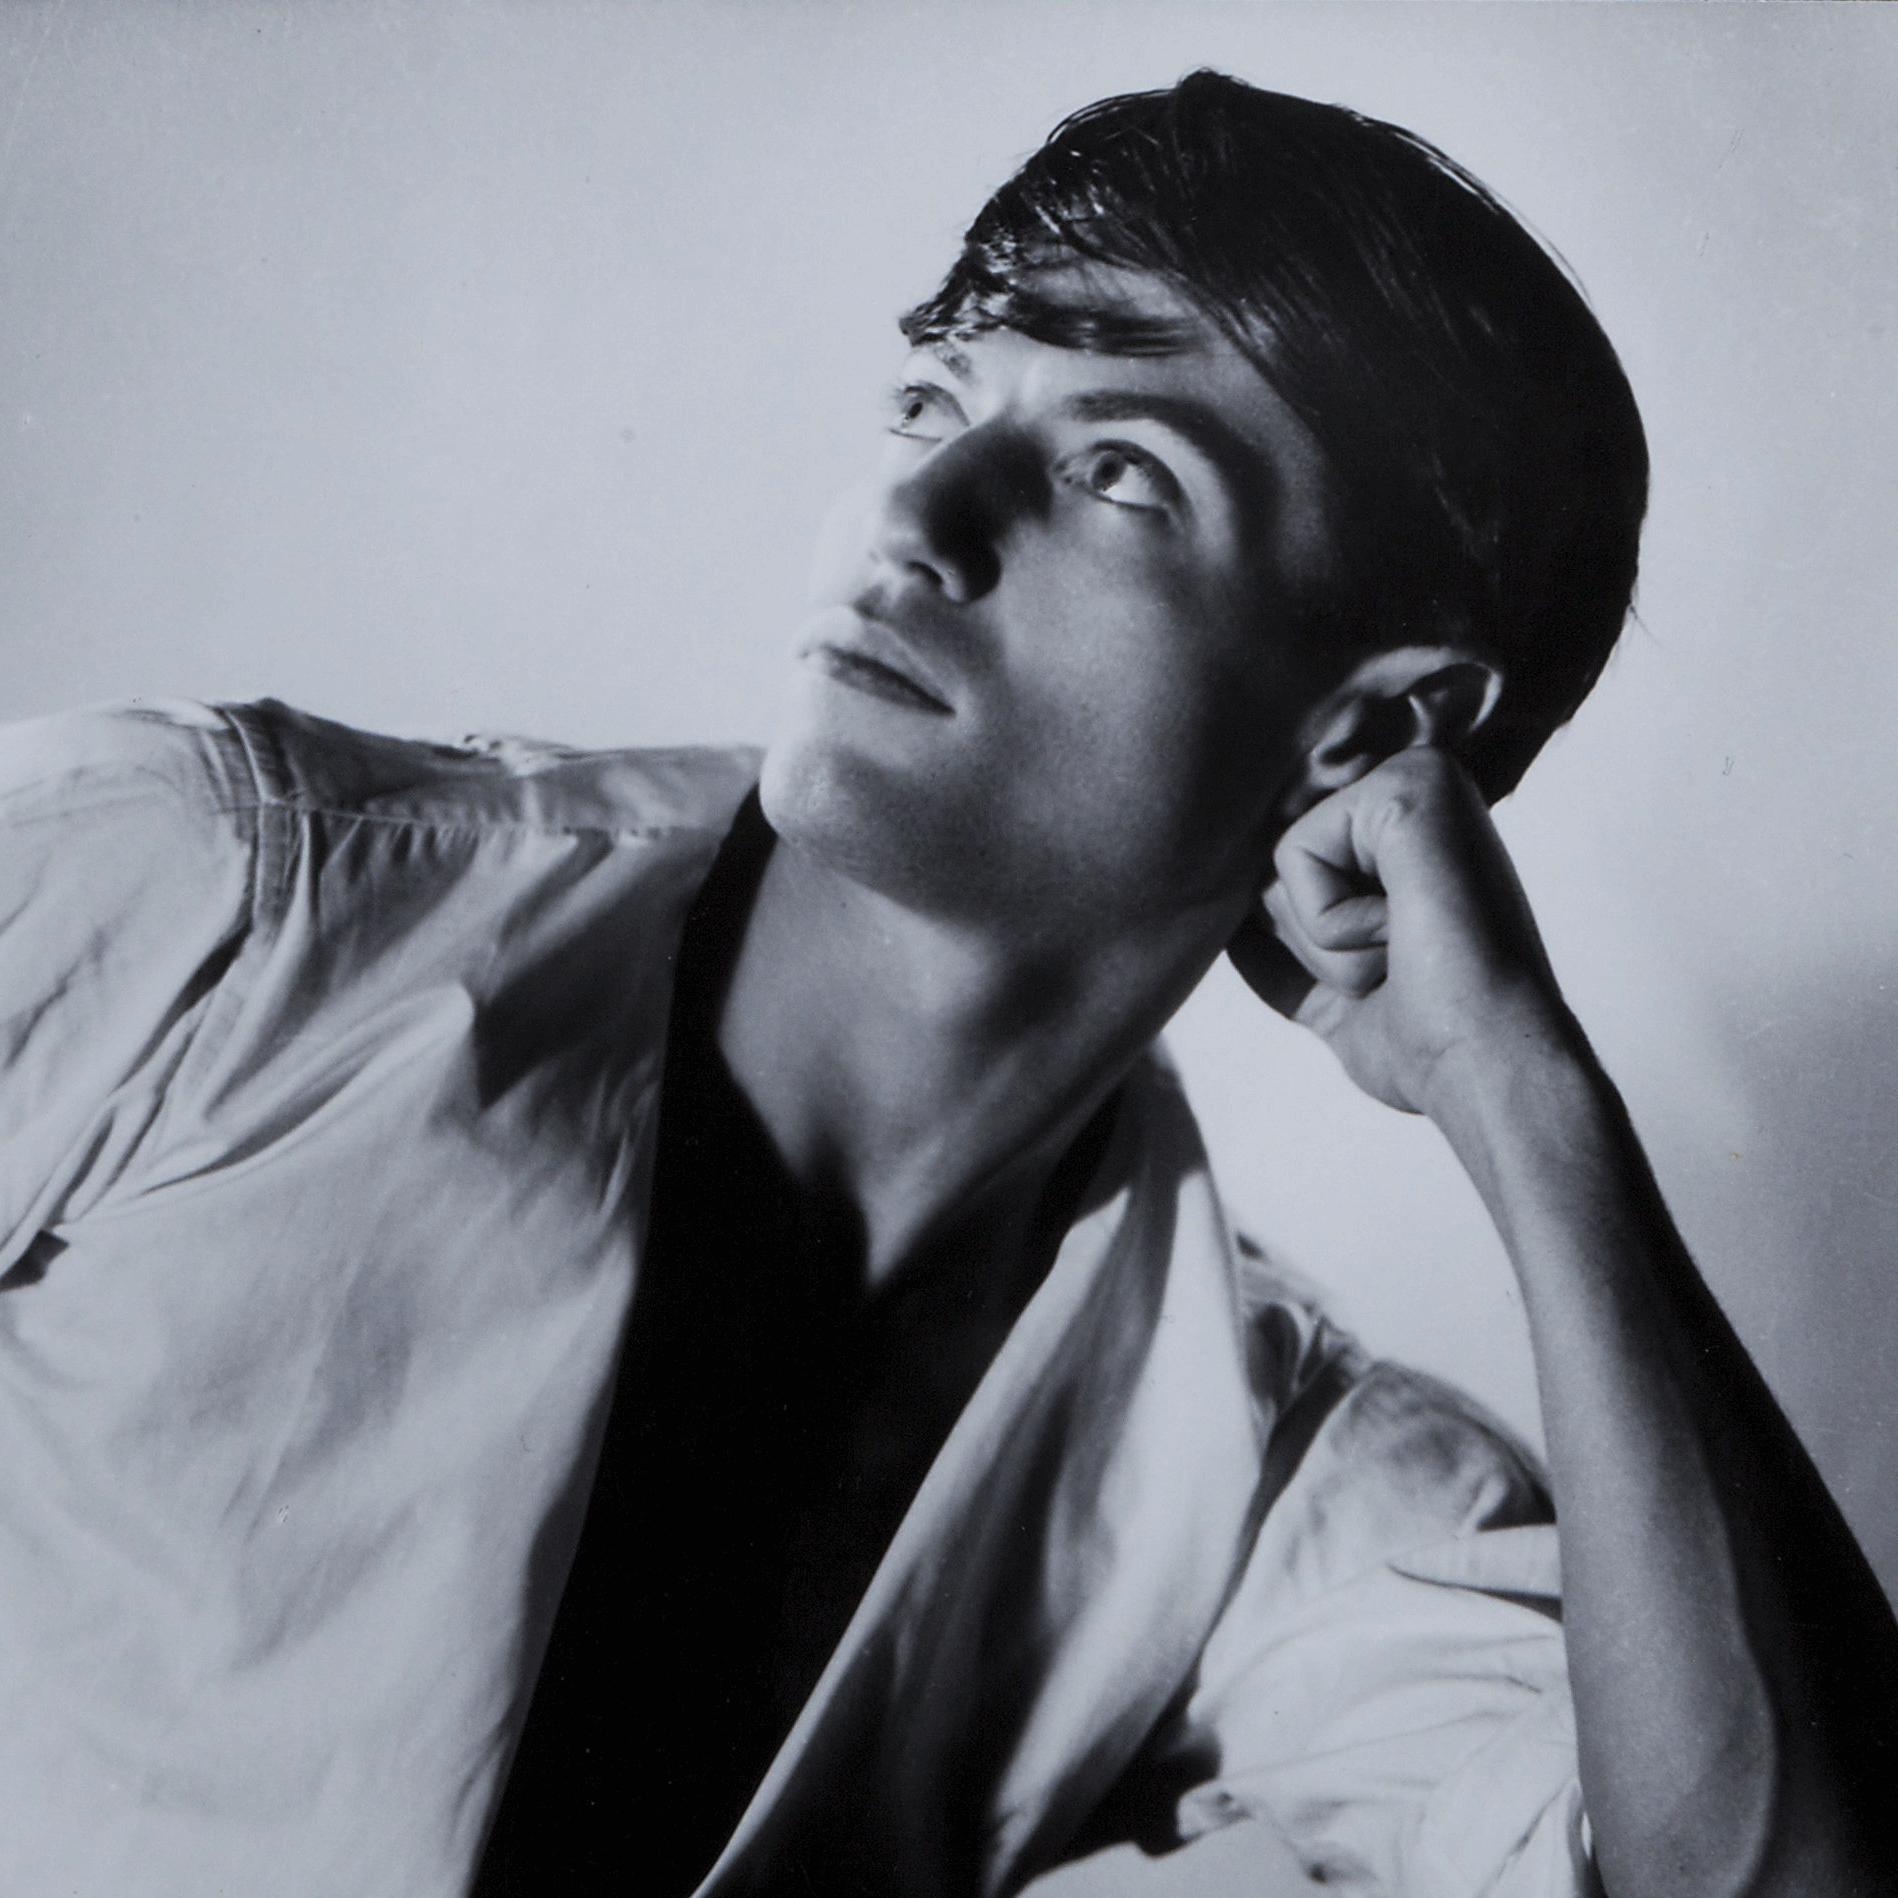 Ritratto fotografico di Serge Lifar